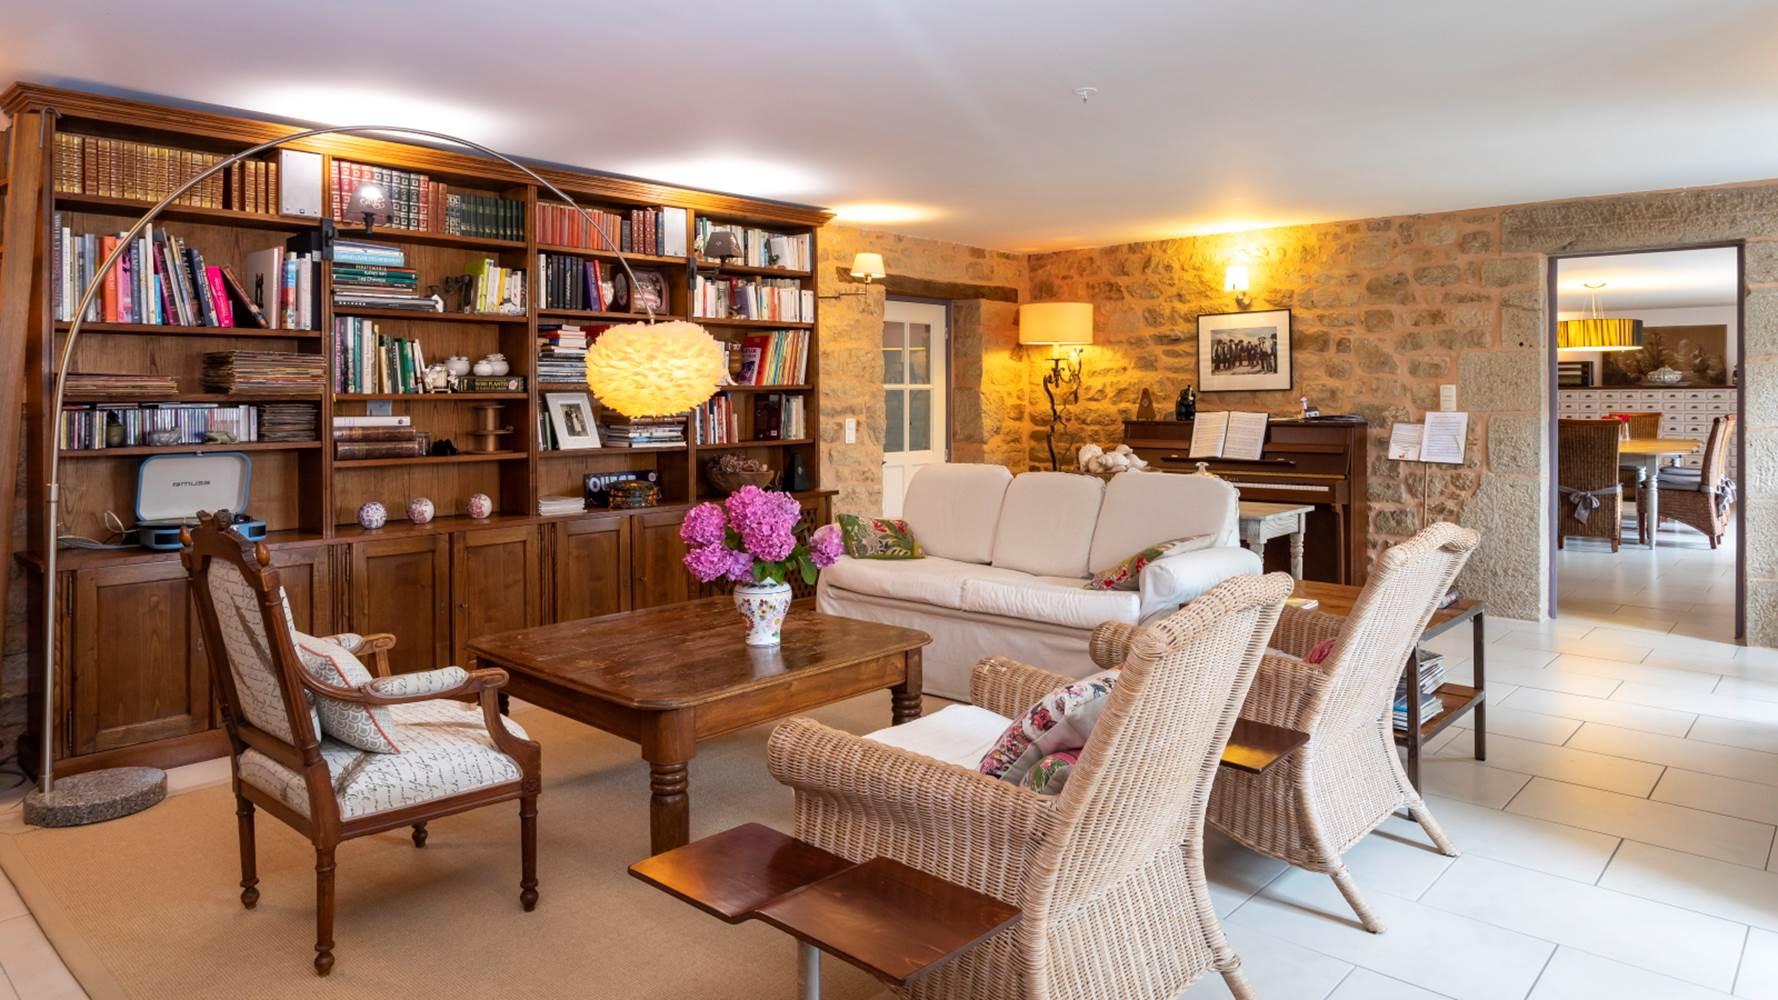 Le salon cosy de la maison d'hôtes de la rue des menhirs ©